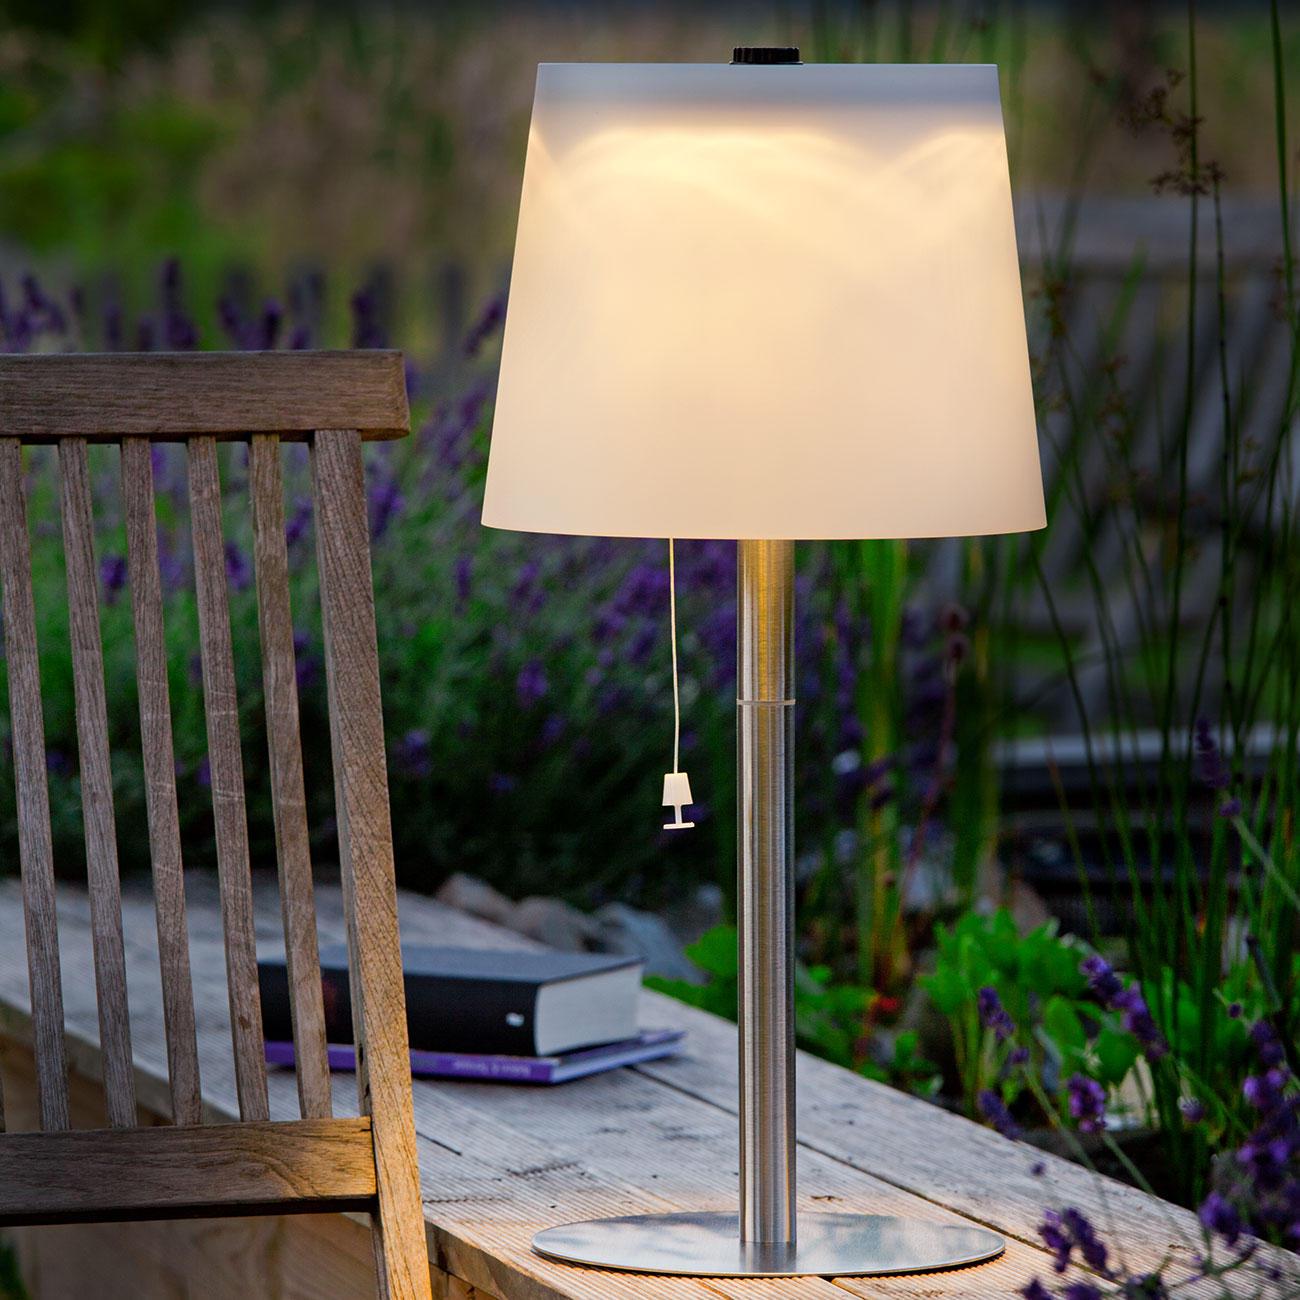 solarlampen 3 jaar productgarantie pro idee. Black Bedroom Furniture Sets. Home Design Ideas